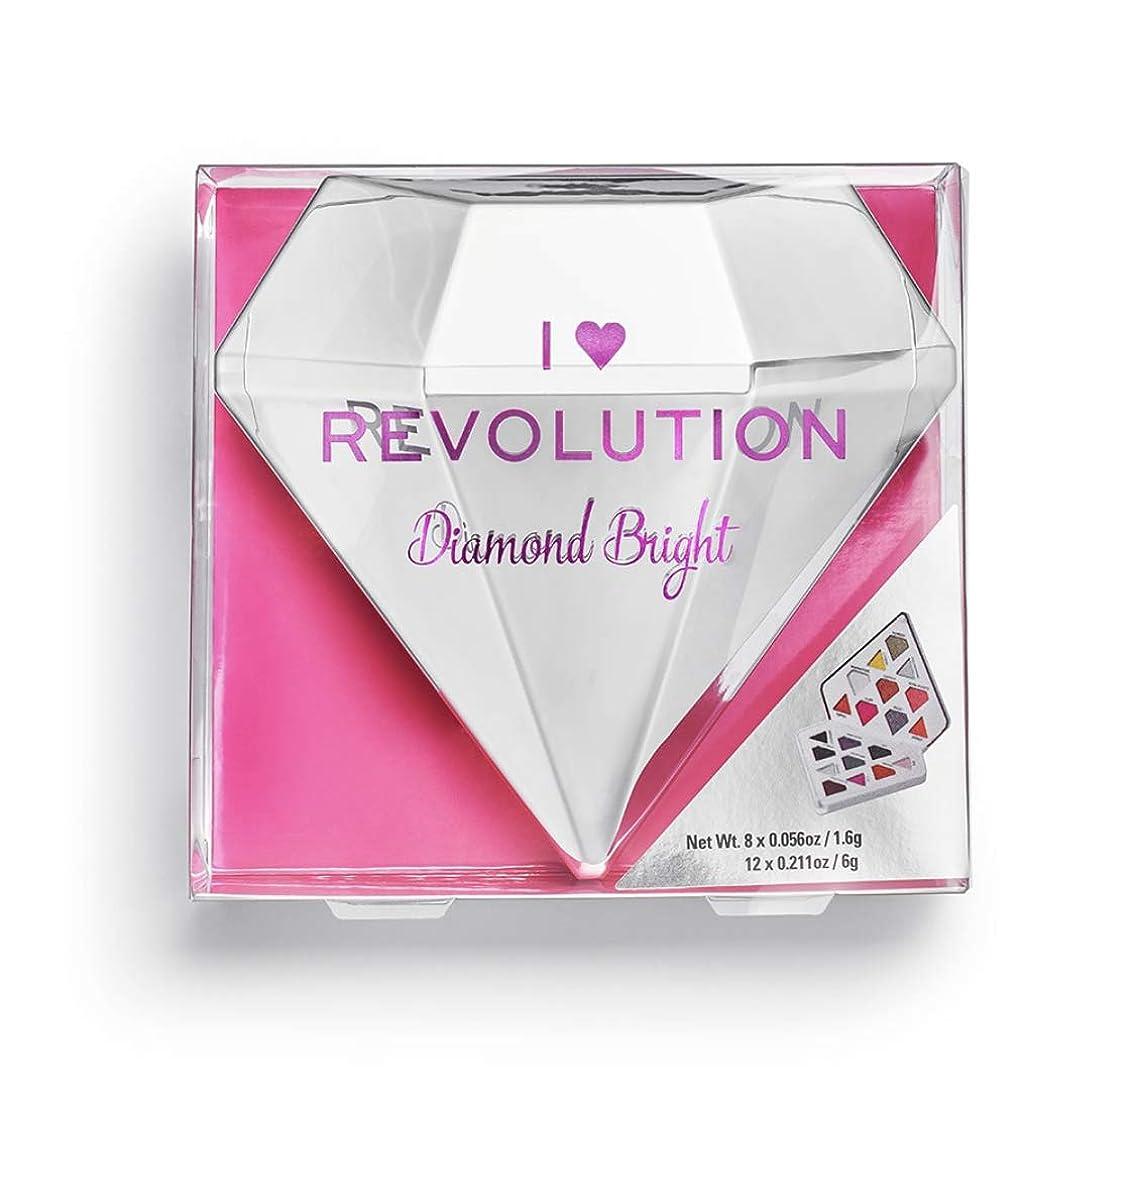 お誕生日邪魔マウントバンクメイクアップレボリューション ダイヤ型20色アイシャドウパレット Diamond Bright